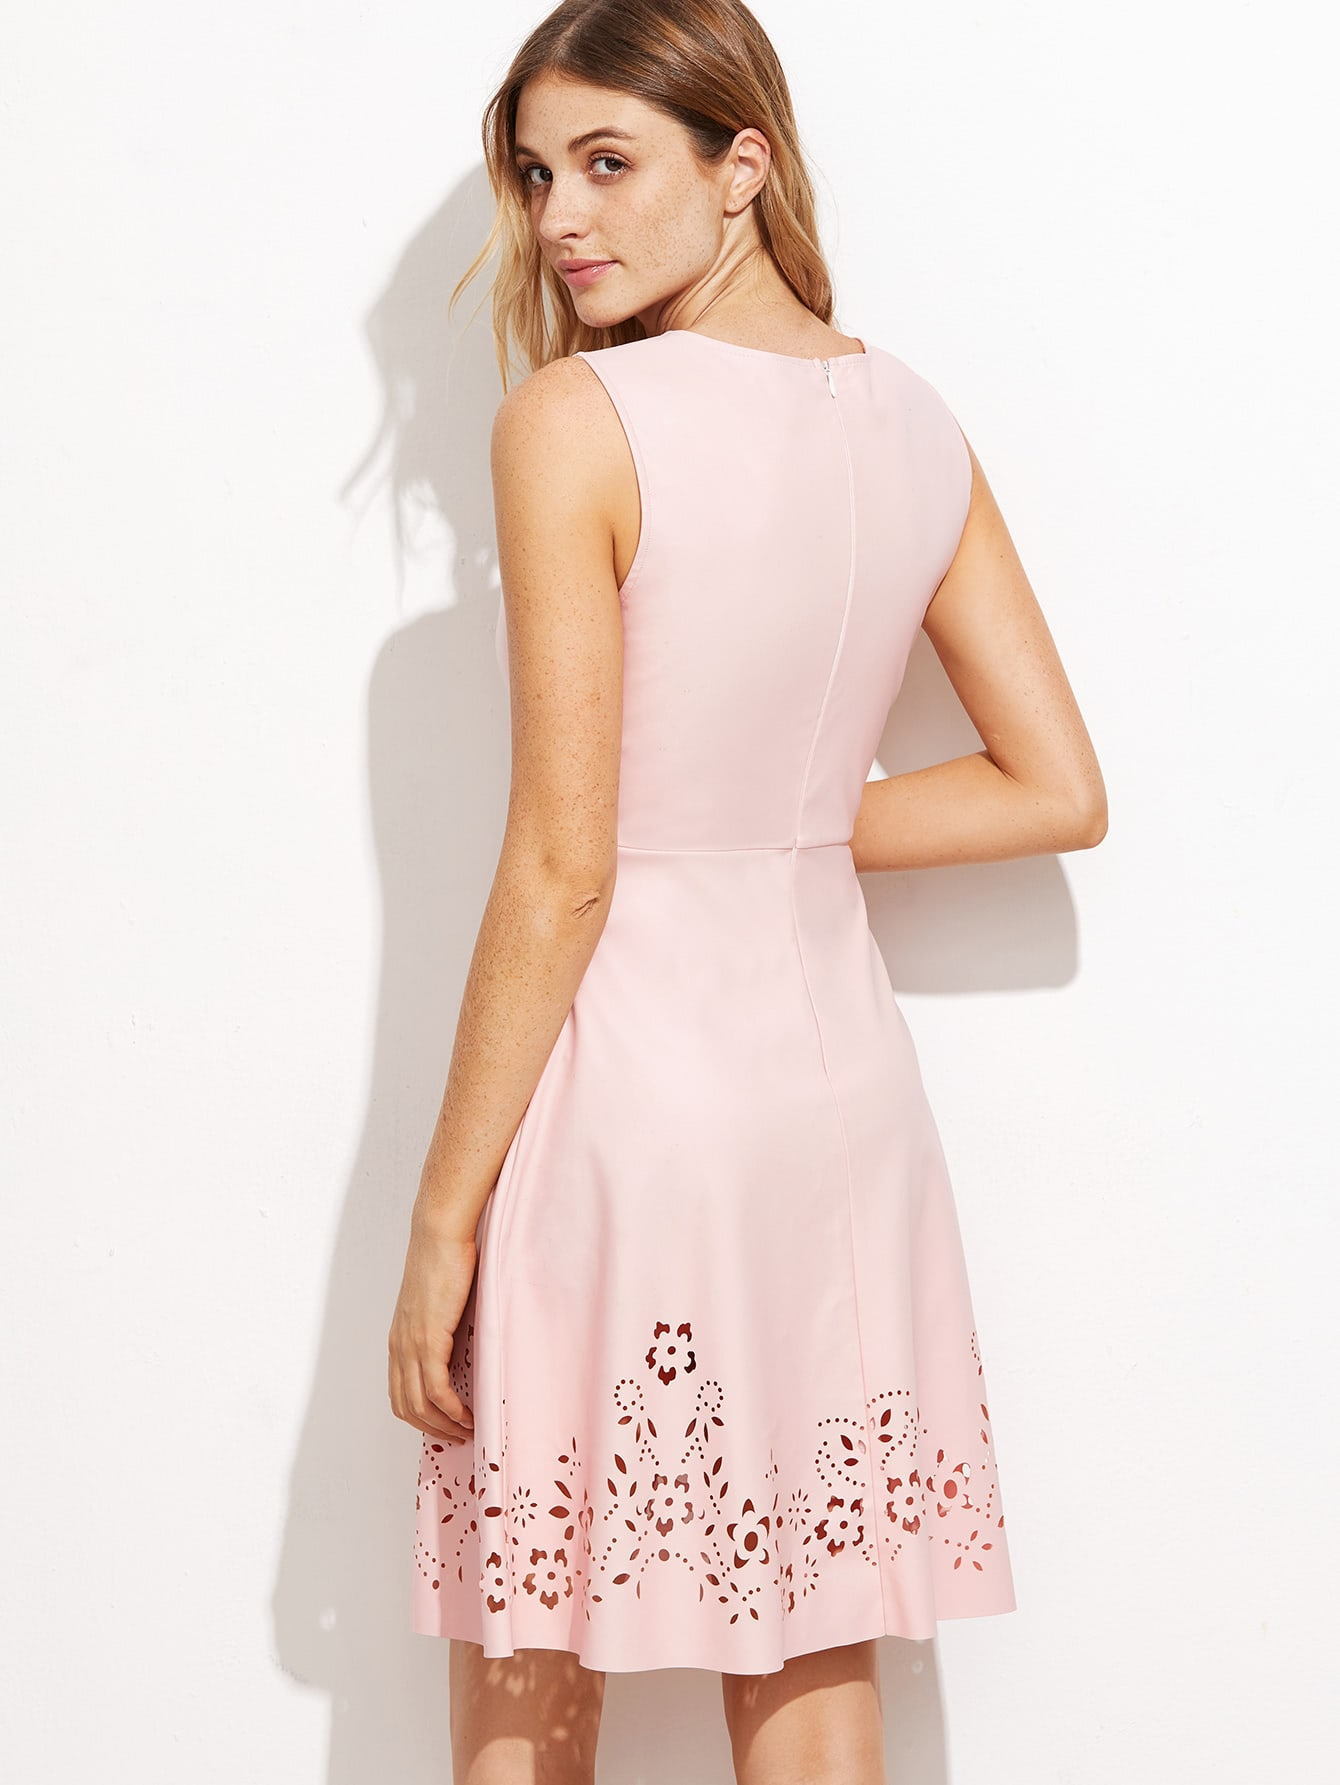 dress161010715_2